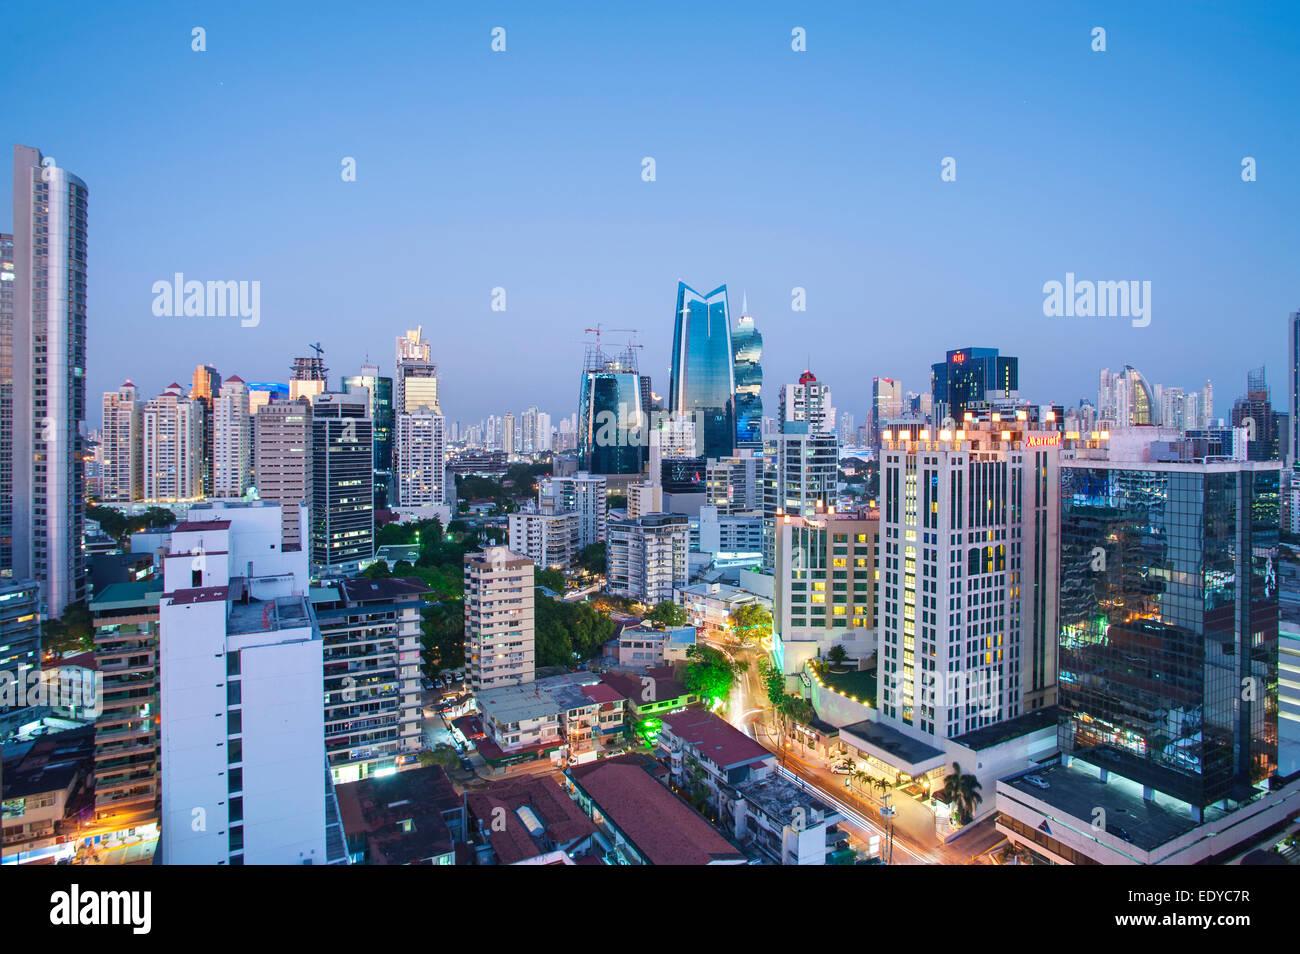 Skyline of Panama City, Panama - Stock Image